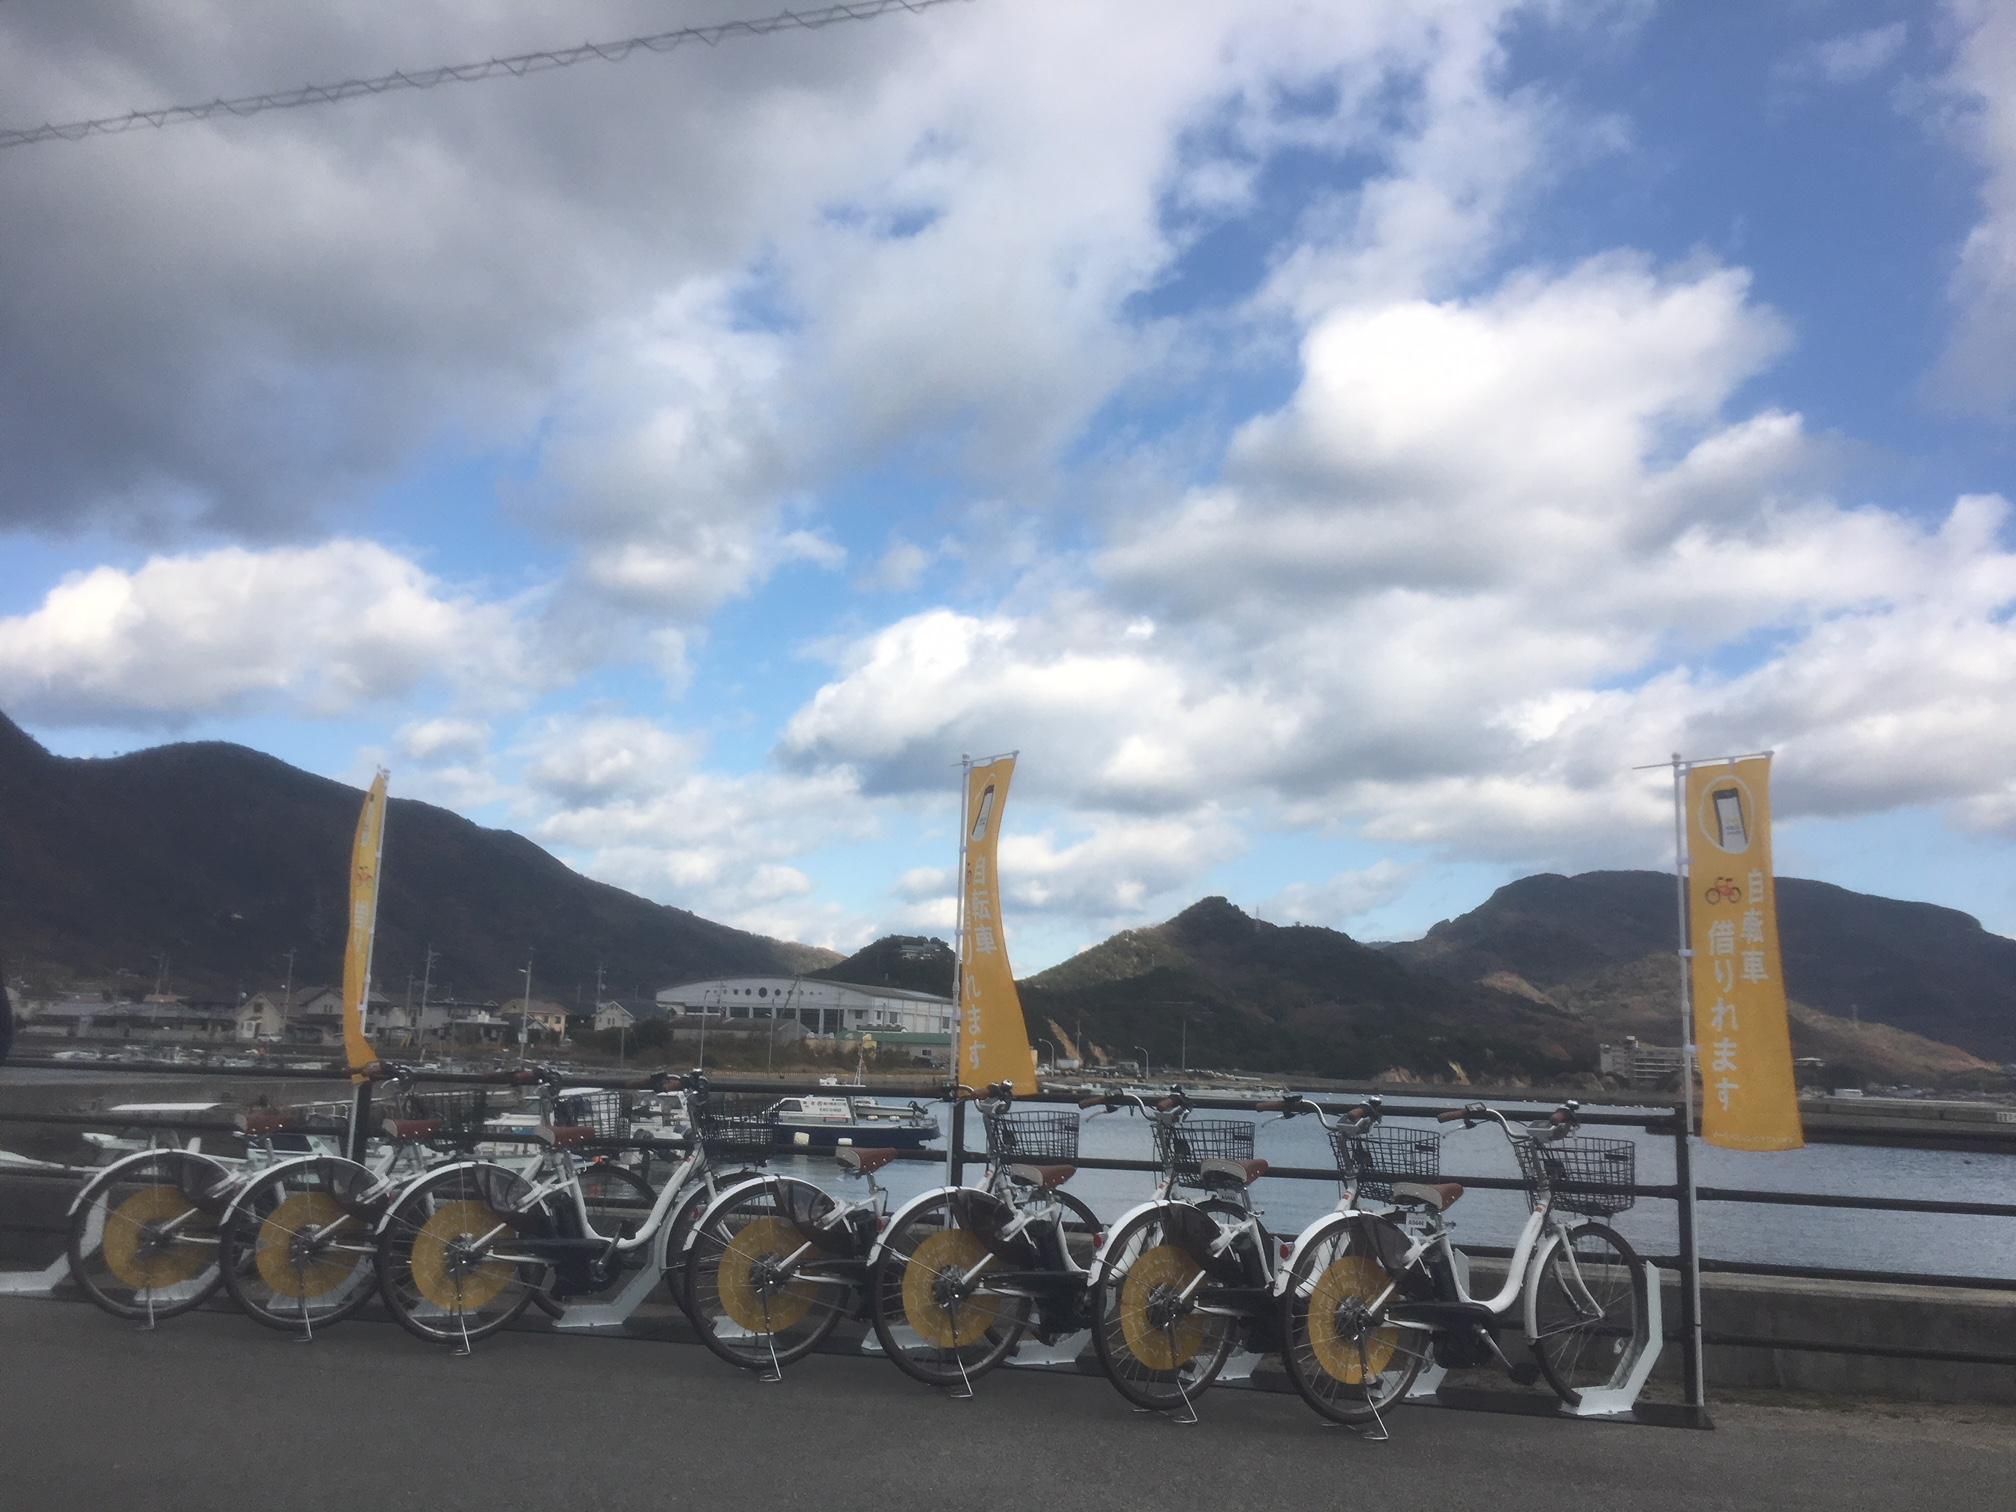 小豆島エンジェルロード-天使の散歩道- (HELLO CYCLING ポート) image